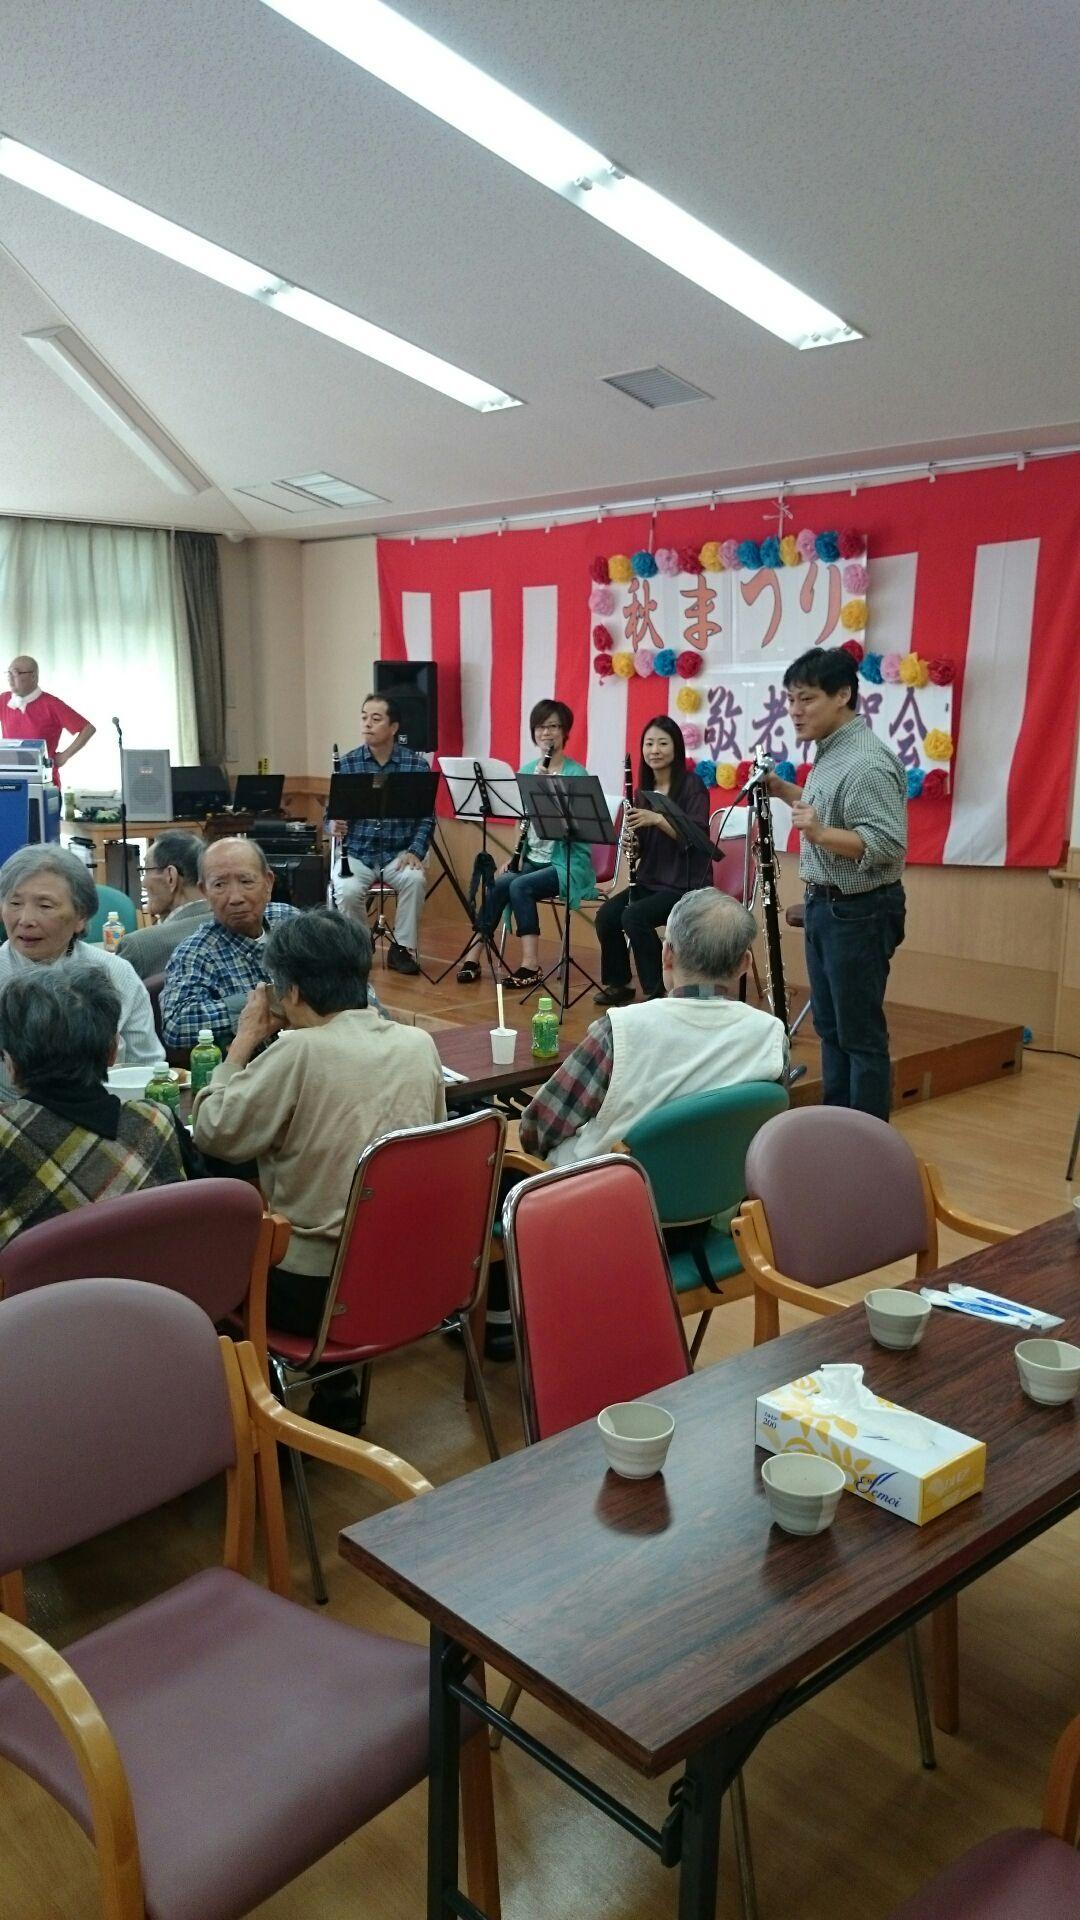 2015/09/21 沓掛寮デイサービス 依頼演奏2